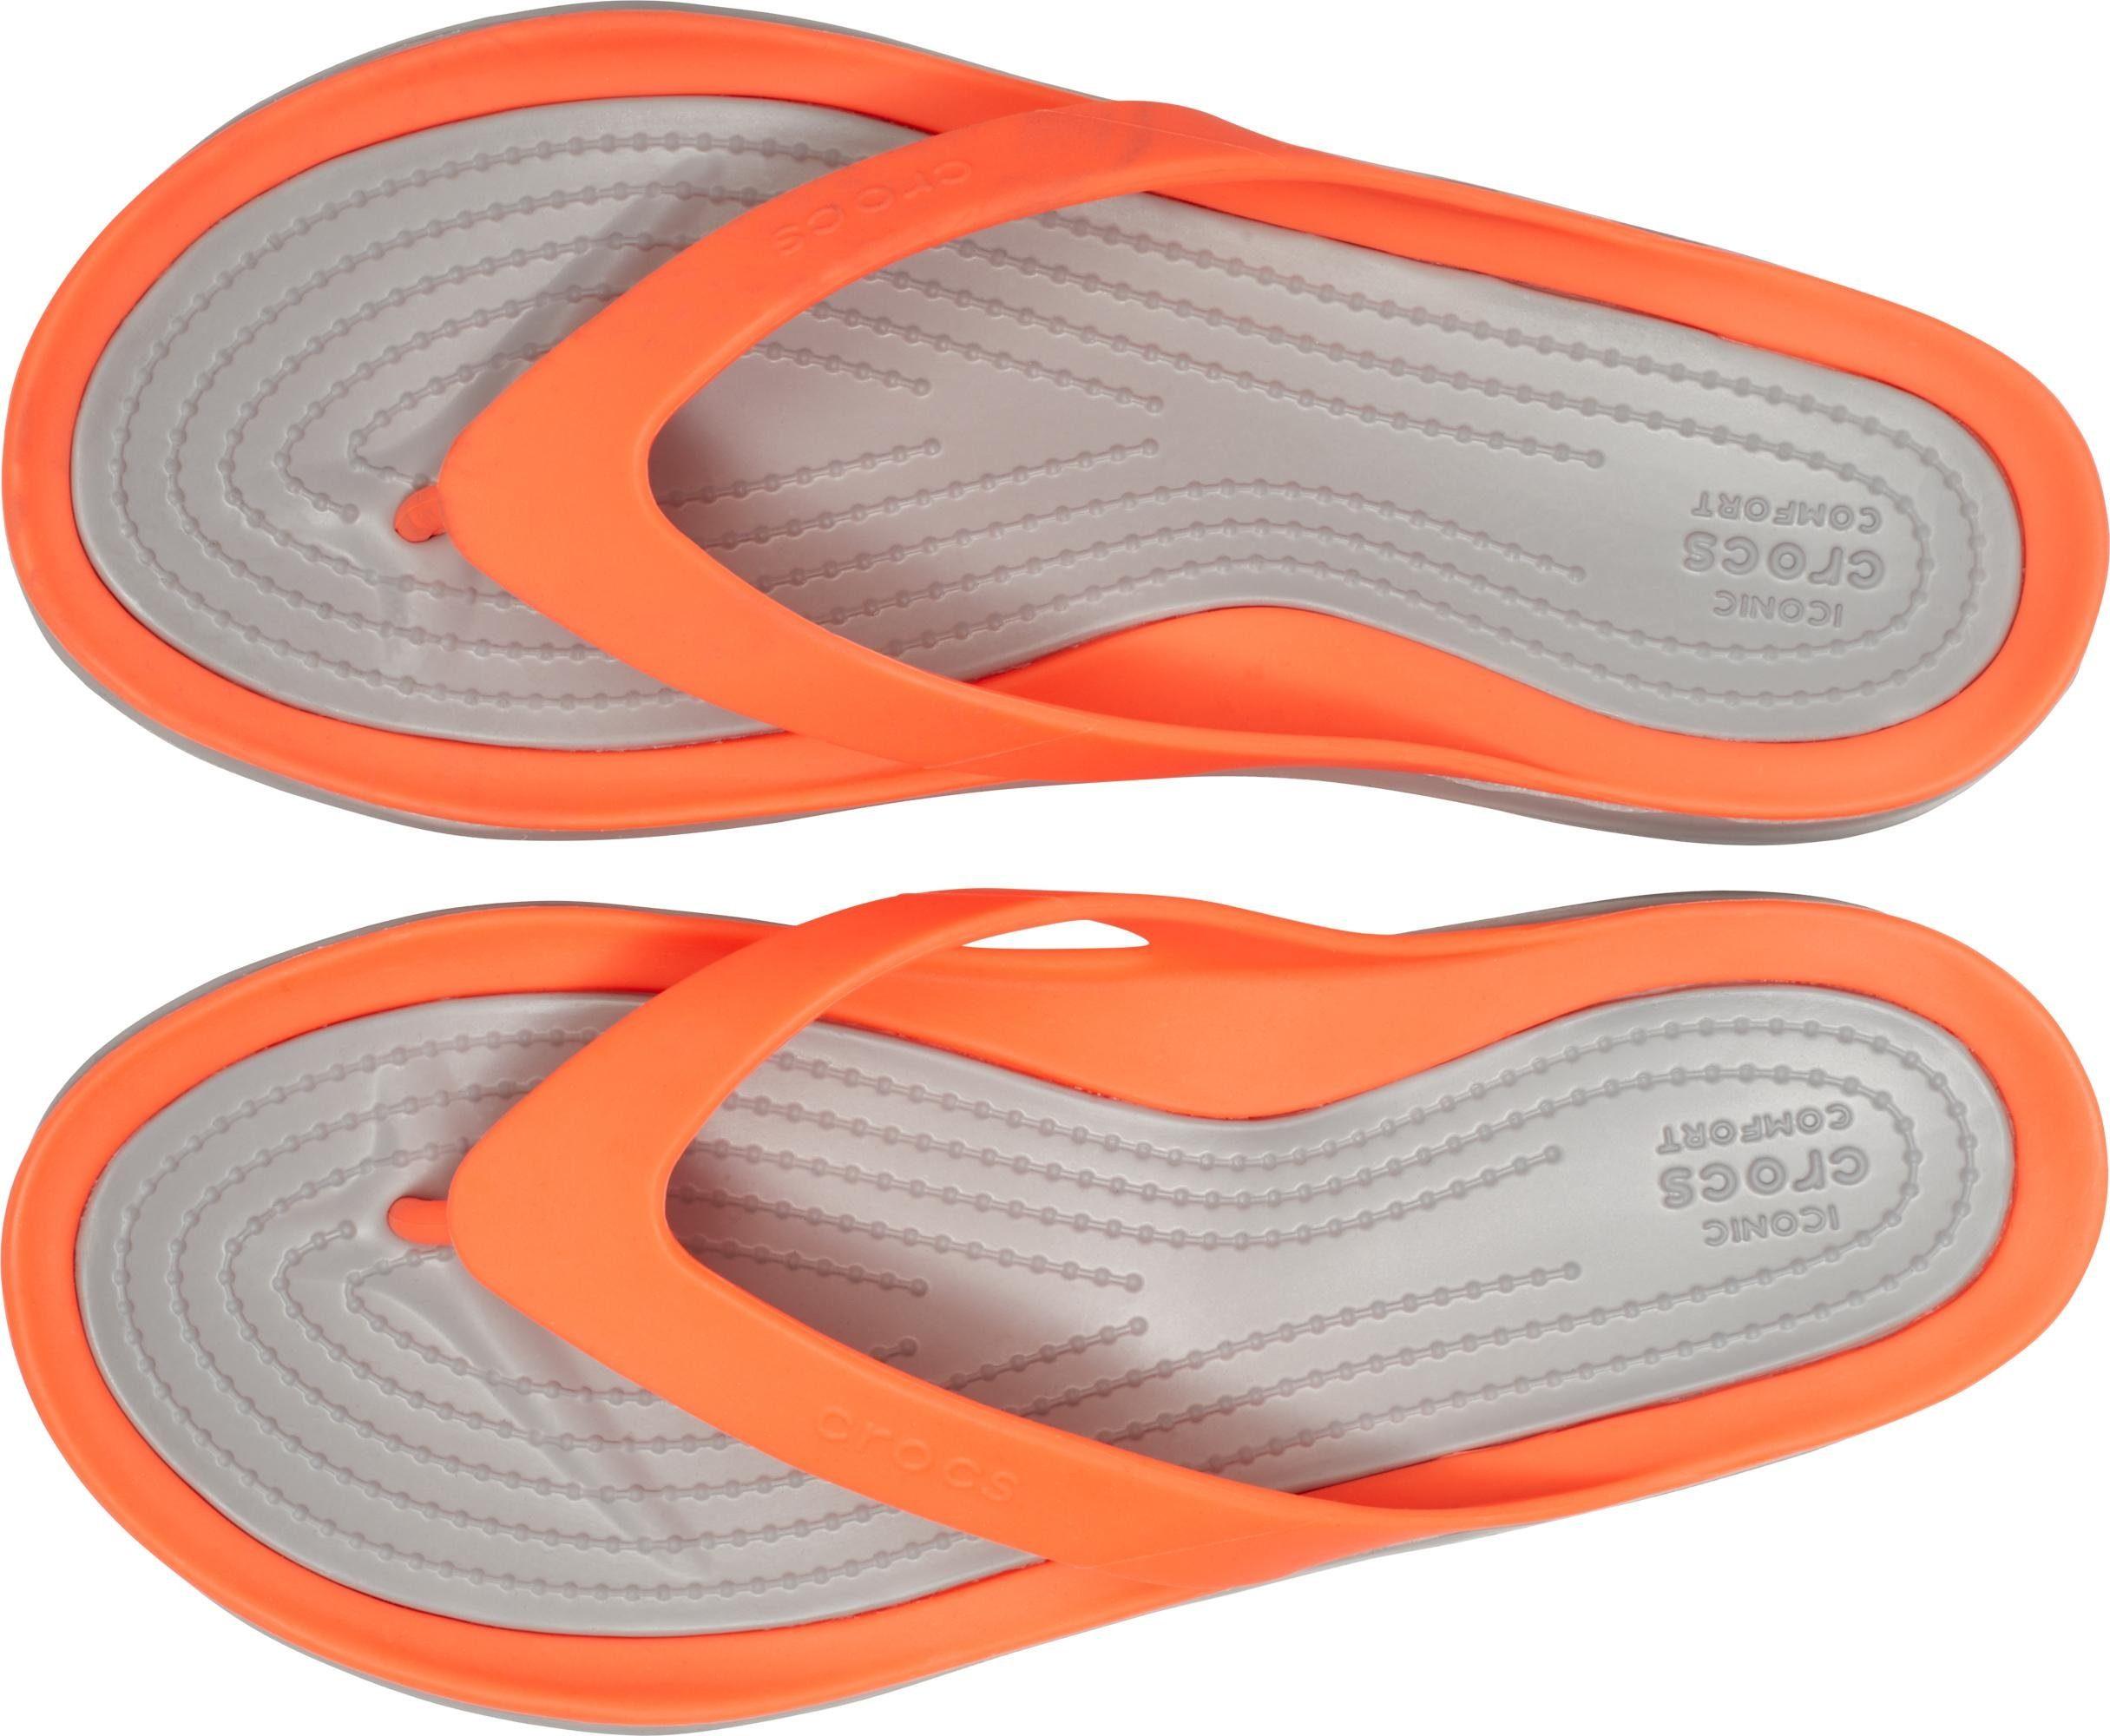 Kaufen »swiftware Flip Noppen Durchblutungsfördernden Zehentrenner Online Crocs W« Mit eEWH9IDY2b